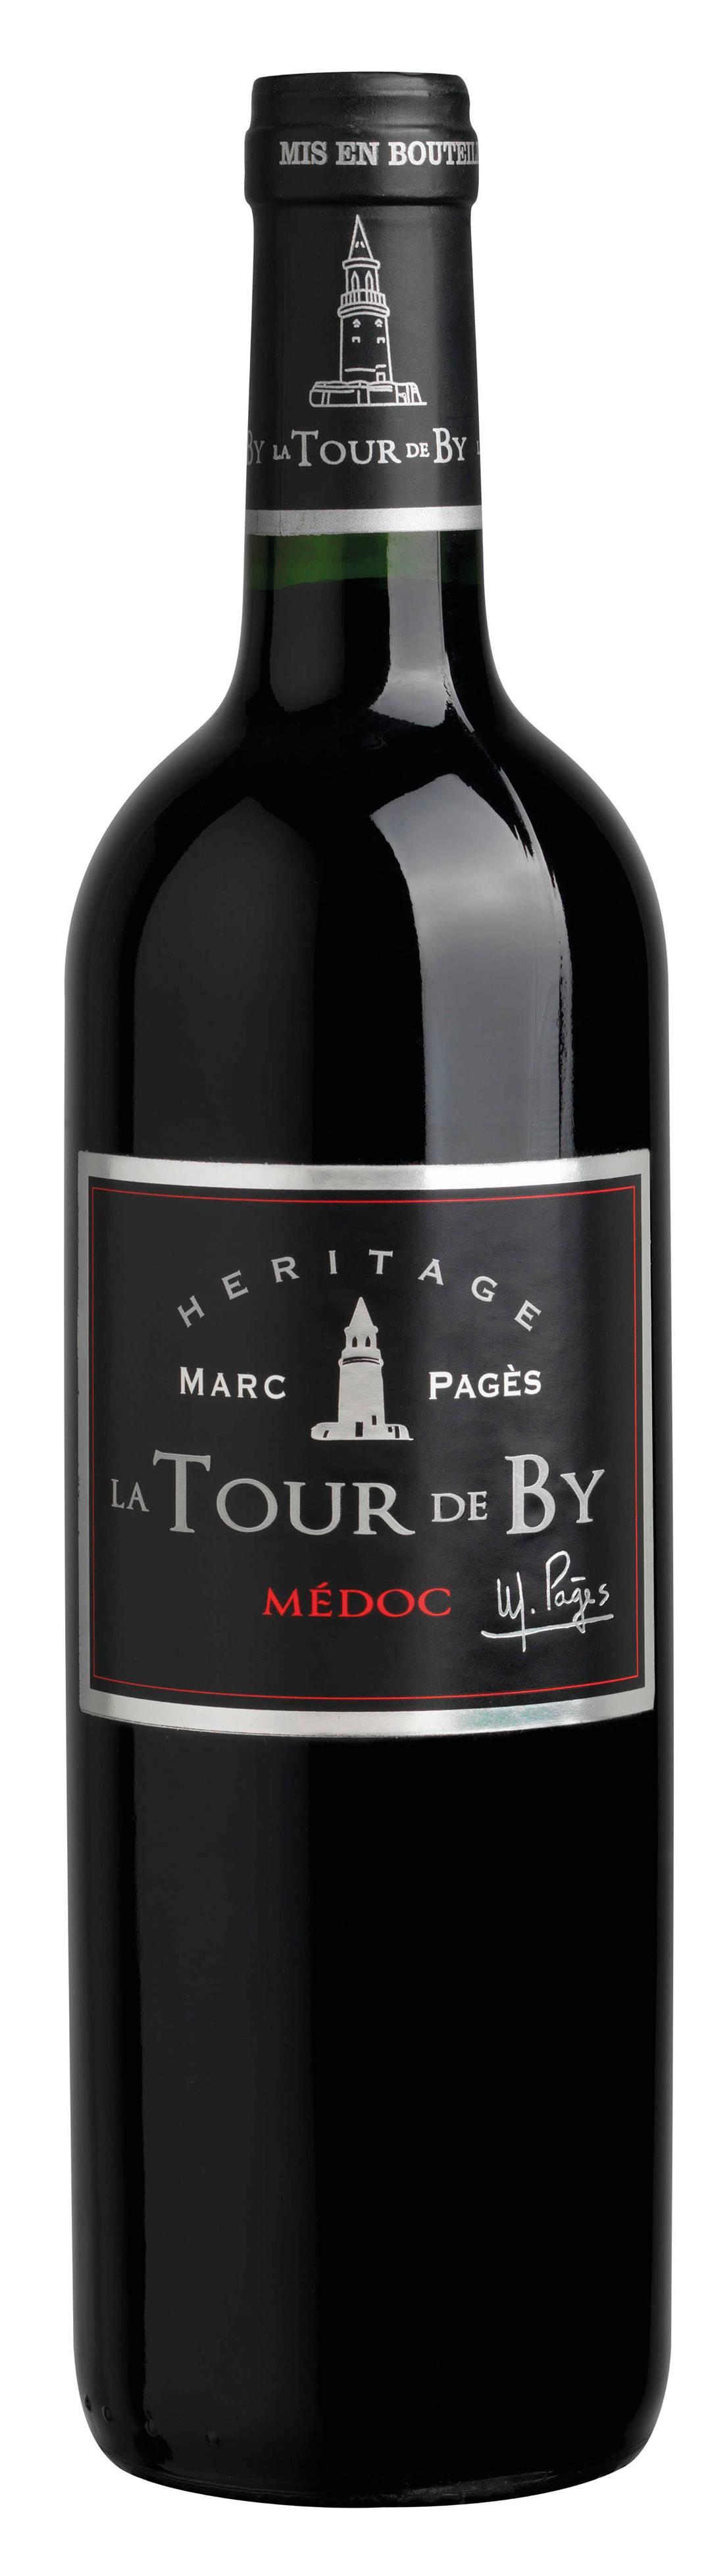 La Tour de By – Héritage 2015 Marc Pagès – Médoc